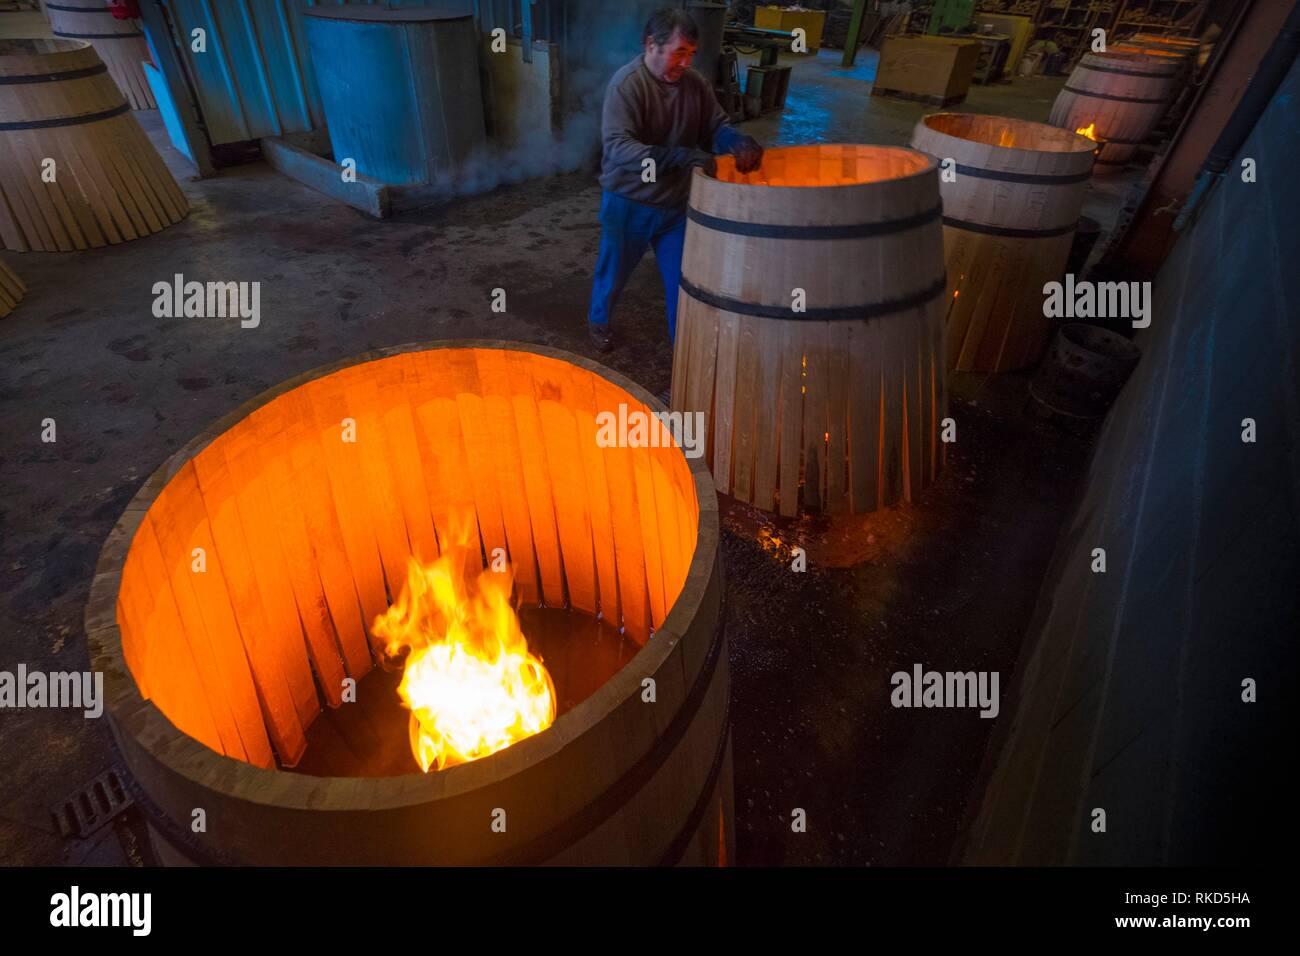 Frankreich, Royal, Gers, an der ''Tonnellerie de L'Adour'' in Plaisance du Gers. Vorbereitung von Fässern für die Alterung der Armagac. Stockbild